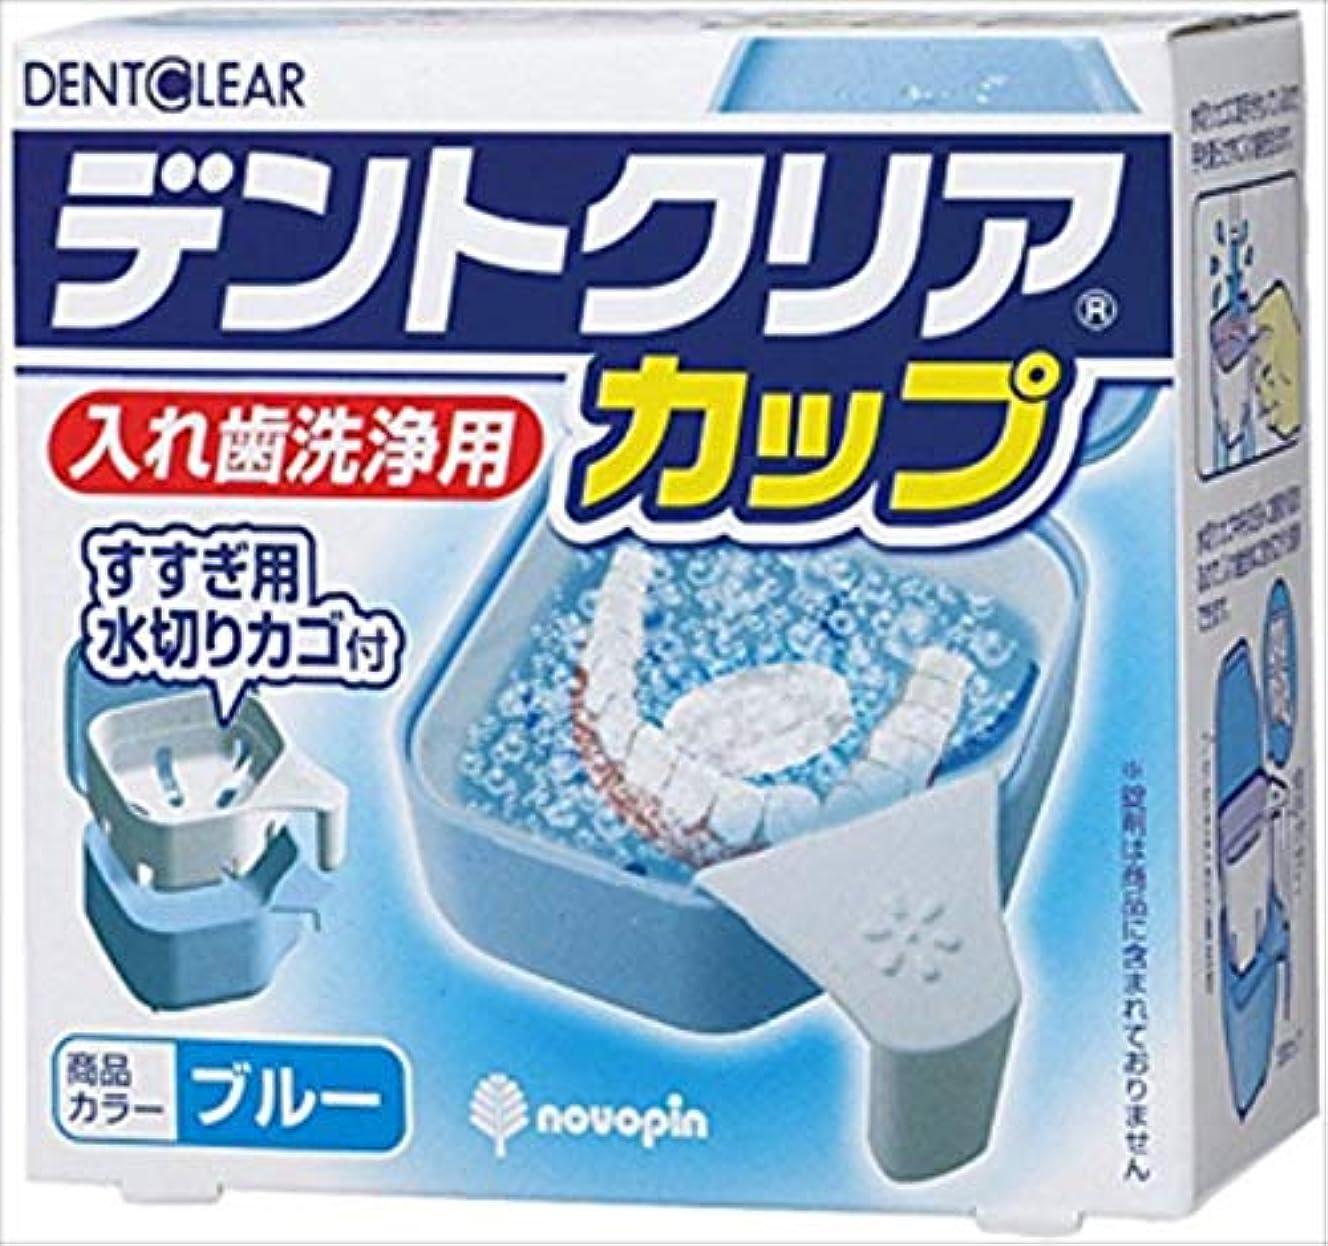 統合便利さ衝突する紀陽除虫菊 入れ歯ケース 日本製 デントクリア カップ (ブルー/水切りカゴ付) コンパクト